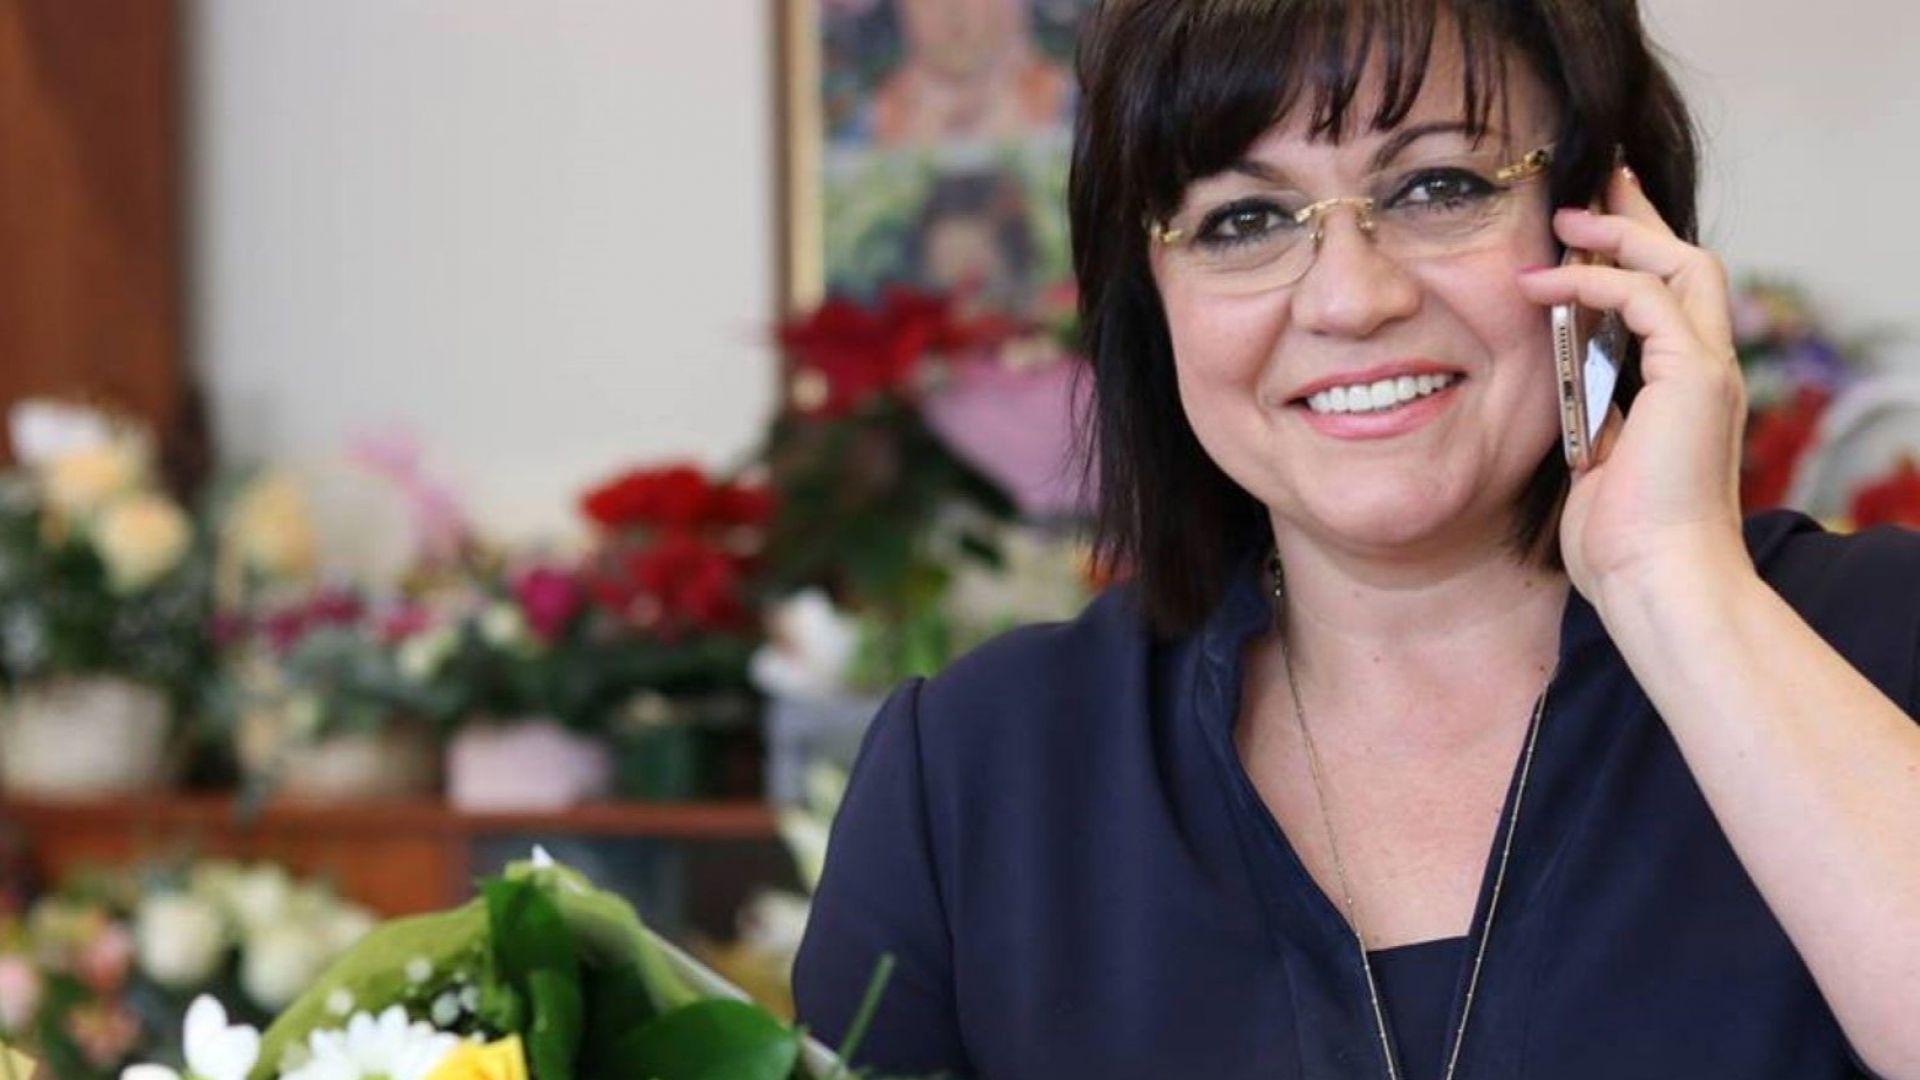 Нинова: Нека почетем хората, които посветиха живота си да изградят съвременна България